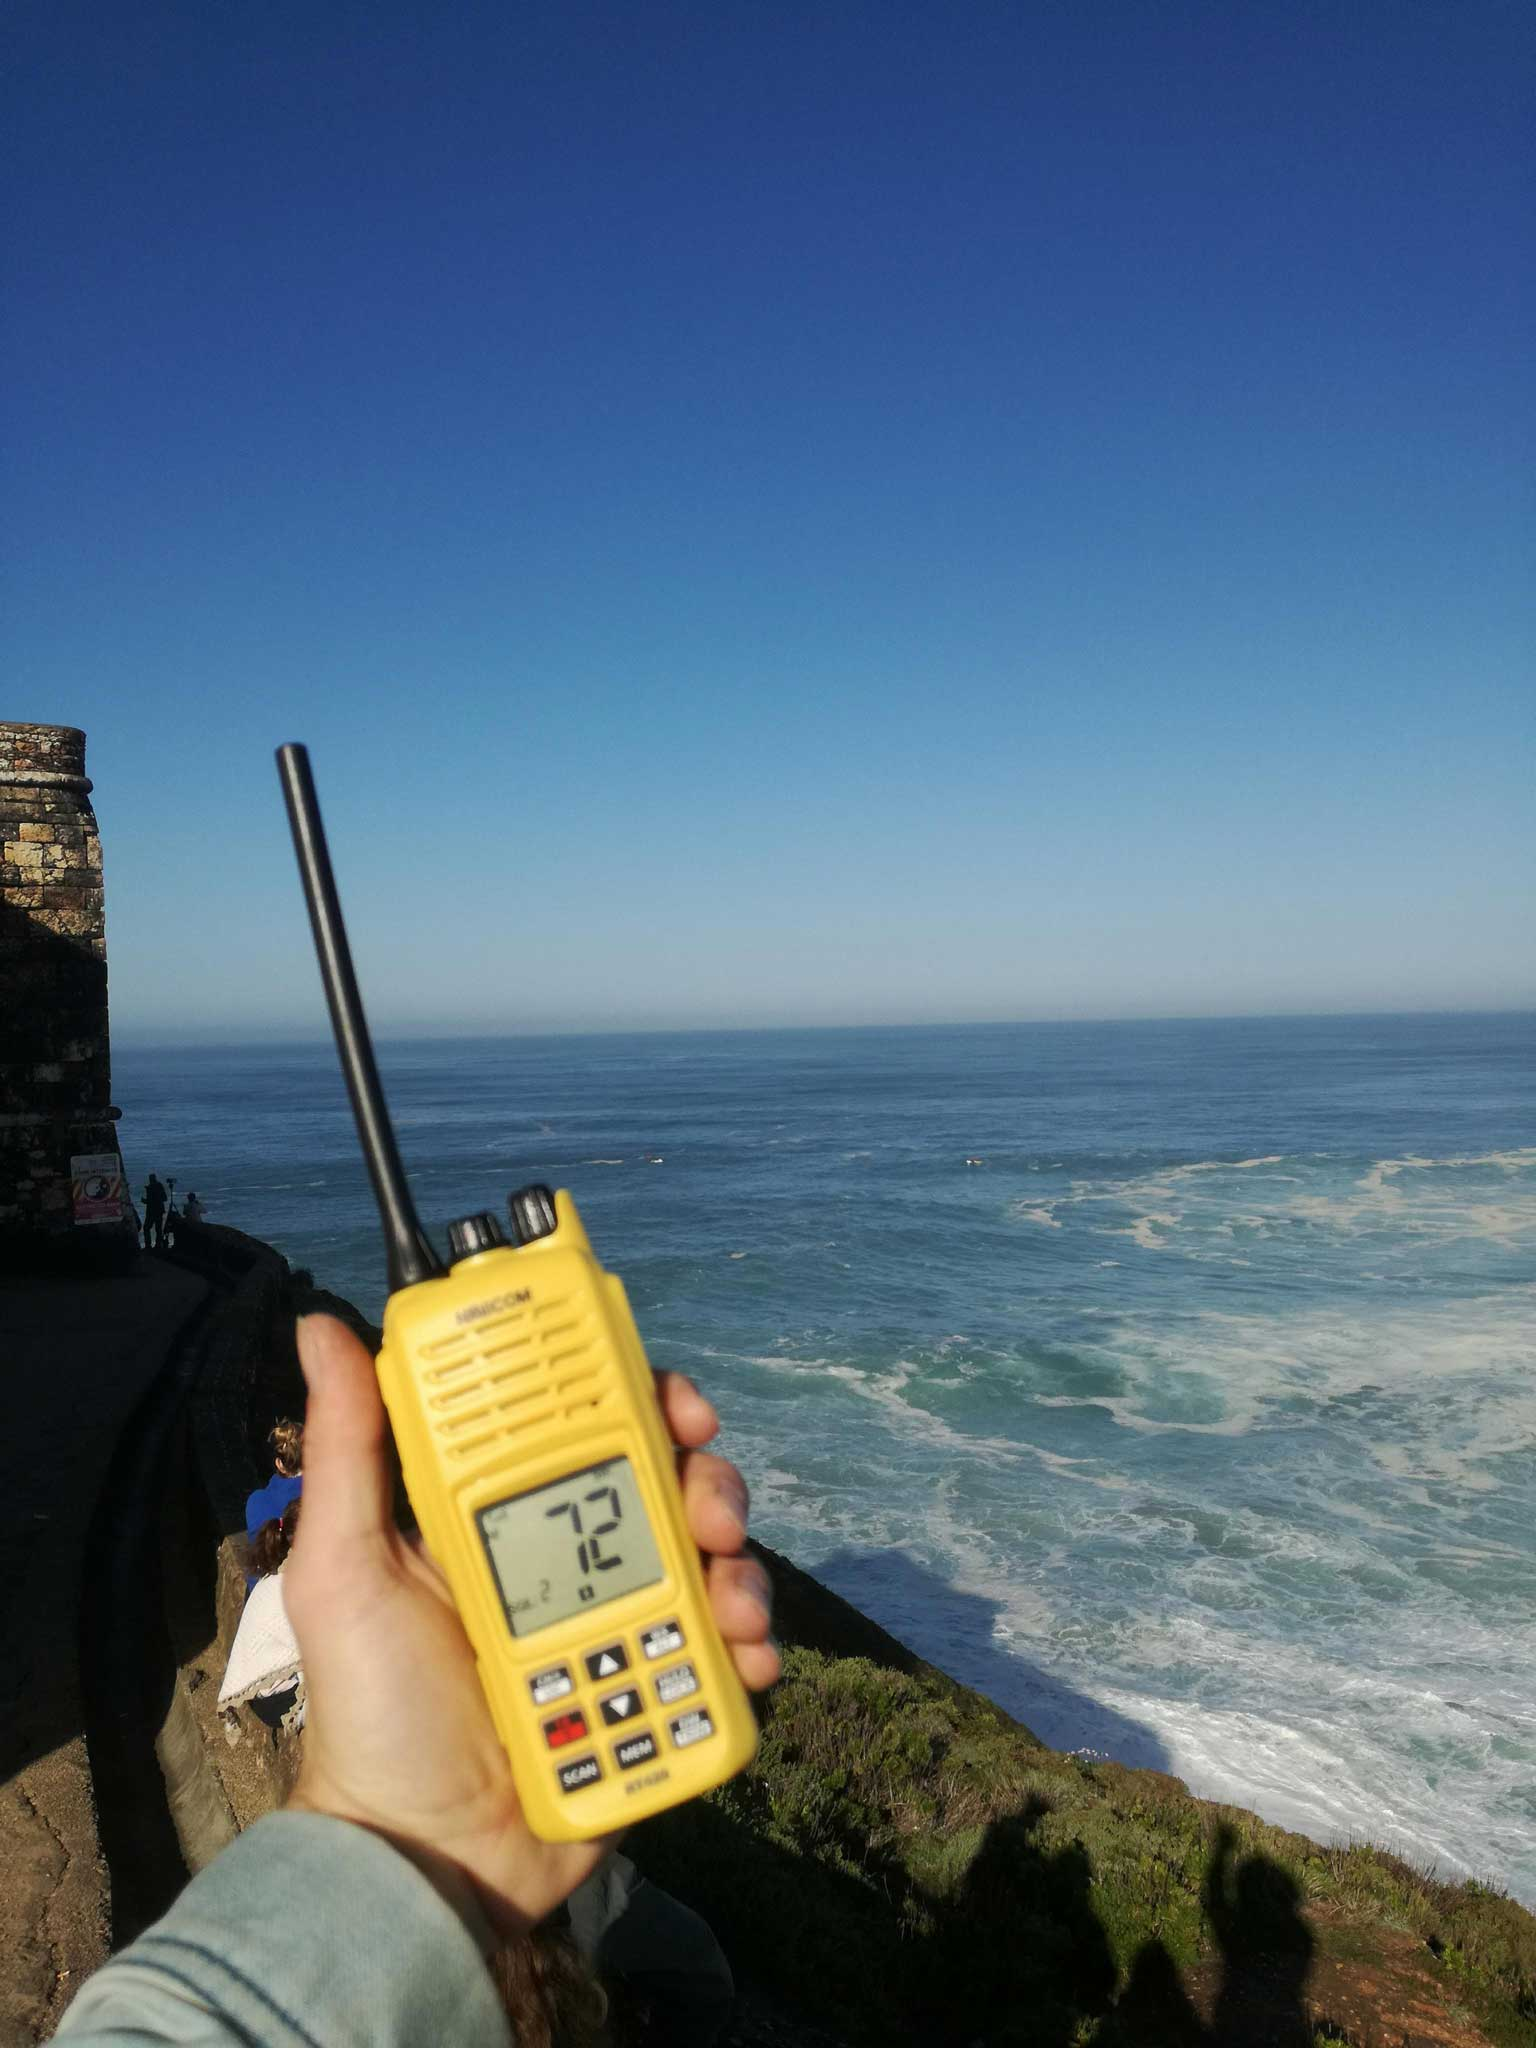 Der Spotter auf der Klippe träft ein Funkgerät sowie die gesamte Verantwortung.